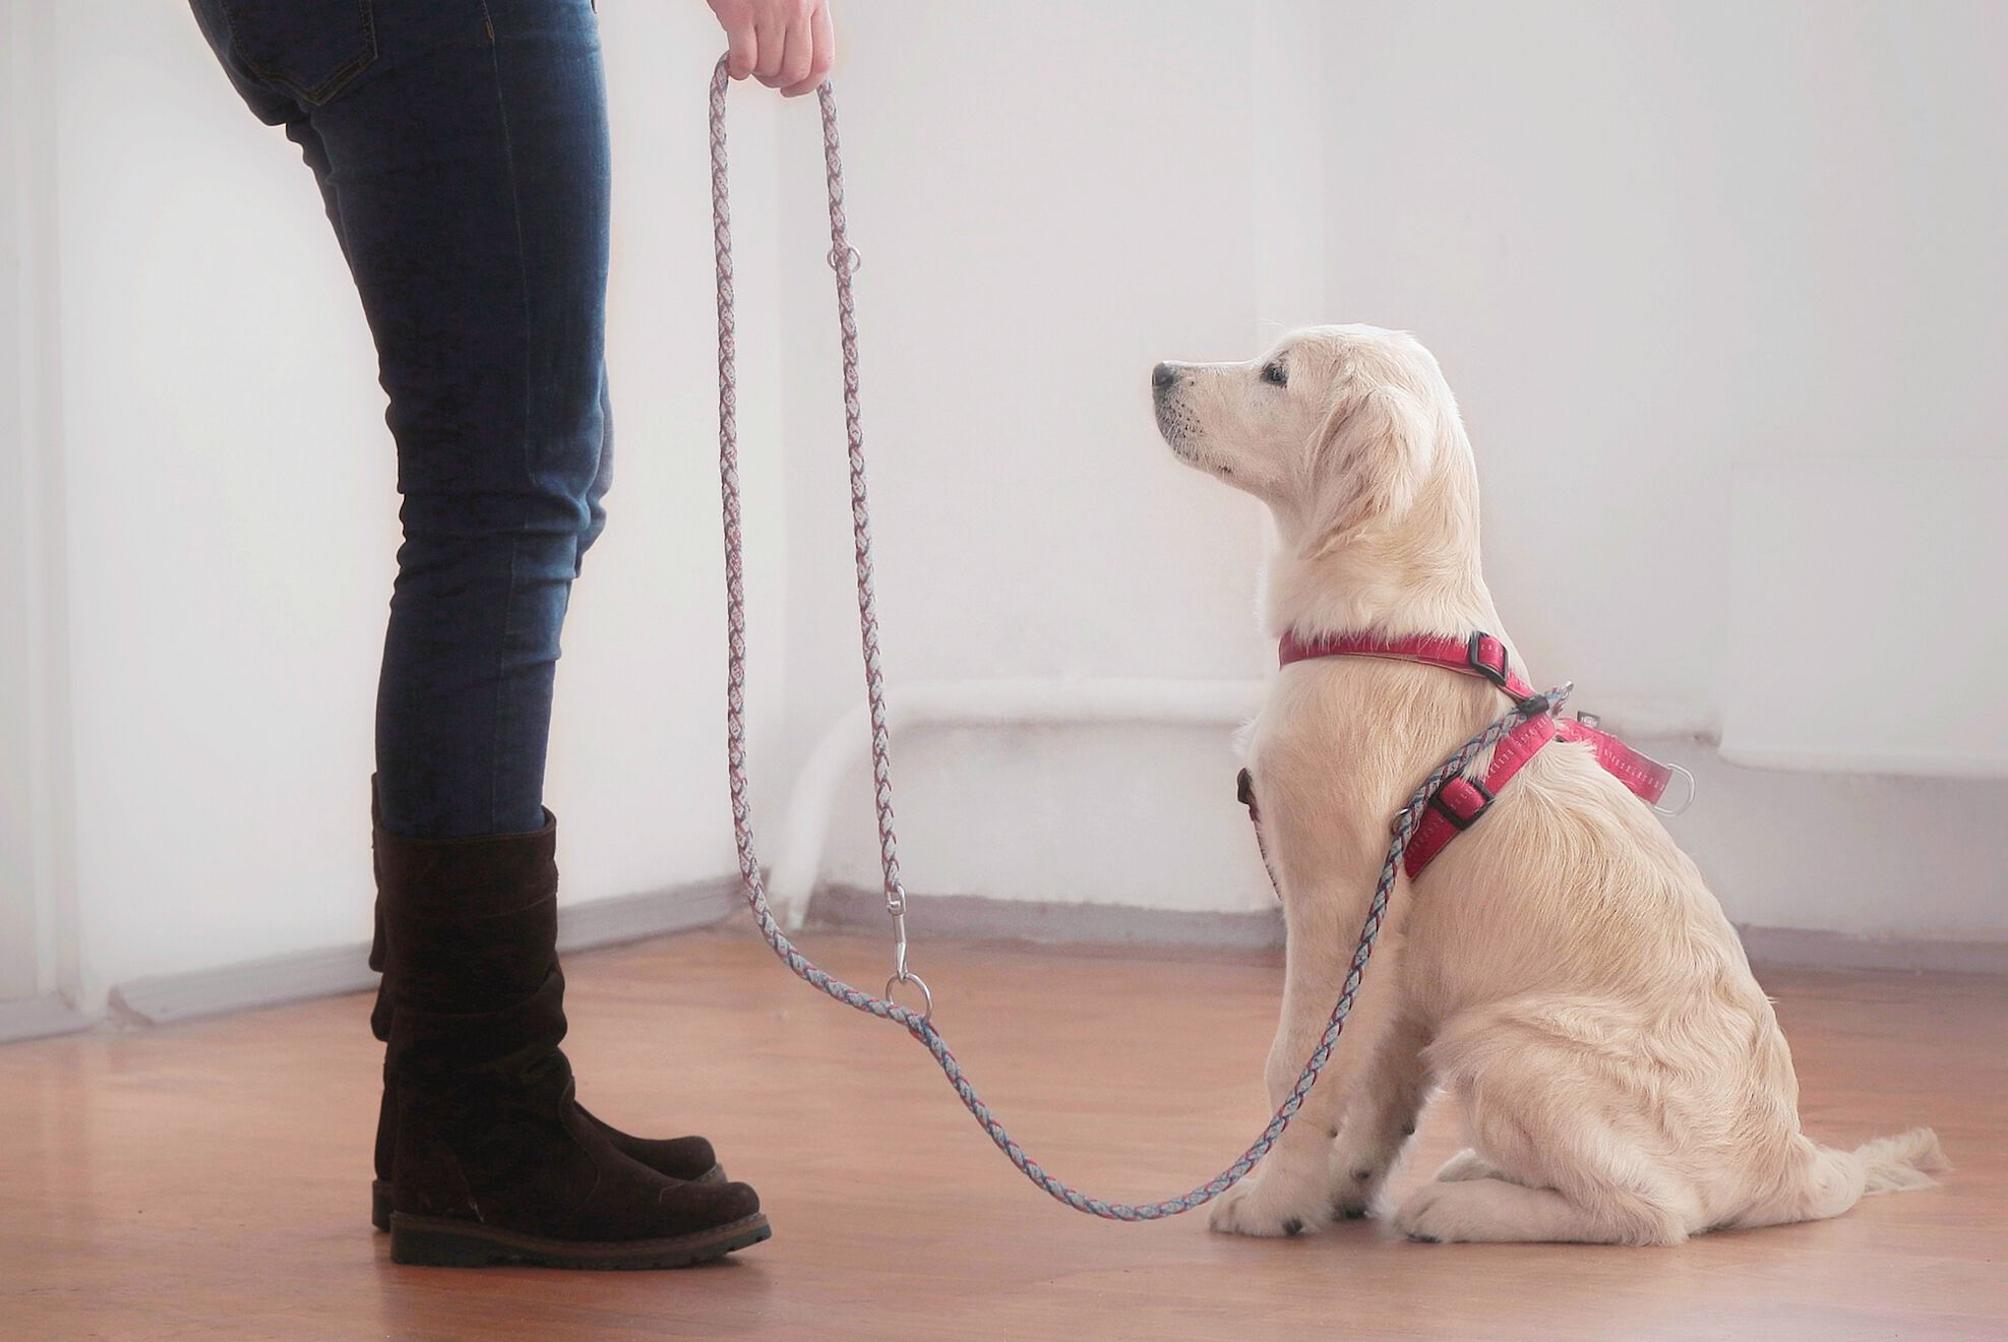 Giovane cucciolo che inizia l'educazione di base; l'esposizione ad ambienti, persone e oggetti nuovi è fondamentale per i cuccioli nelle prime 13 settimane di vita.